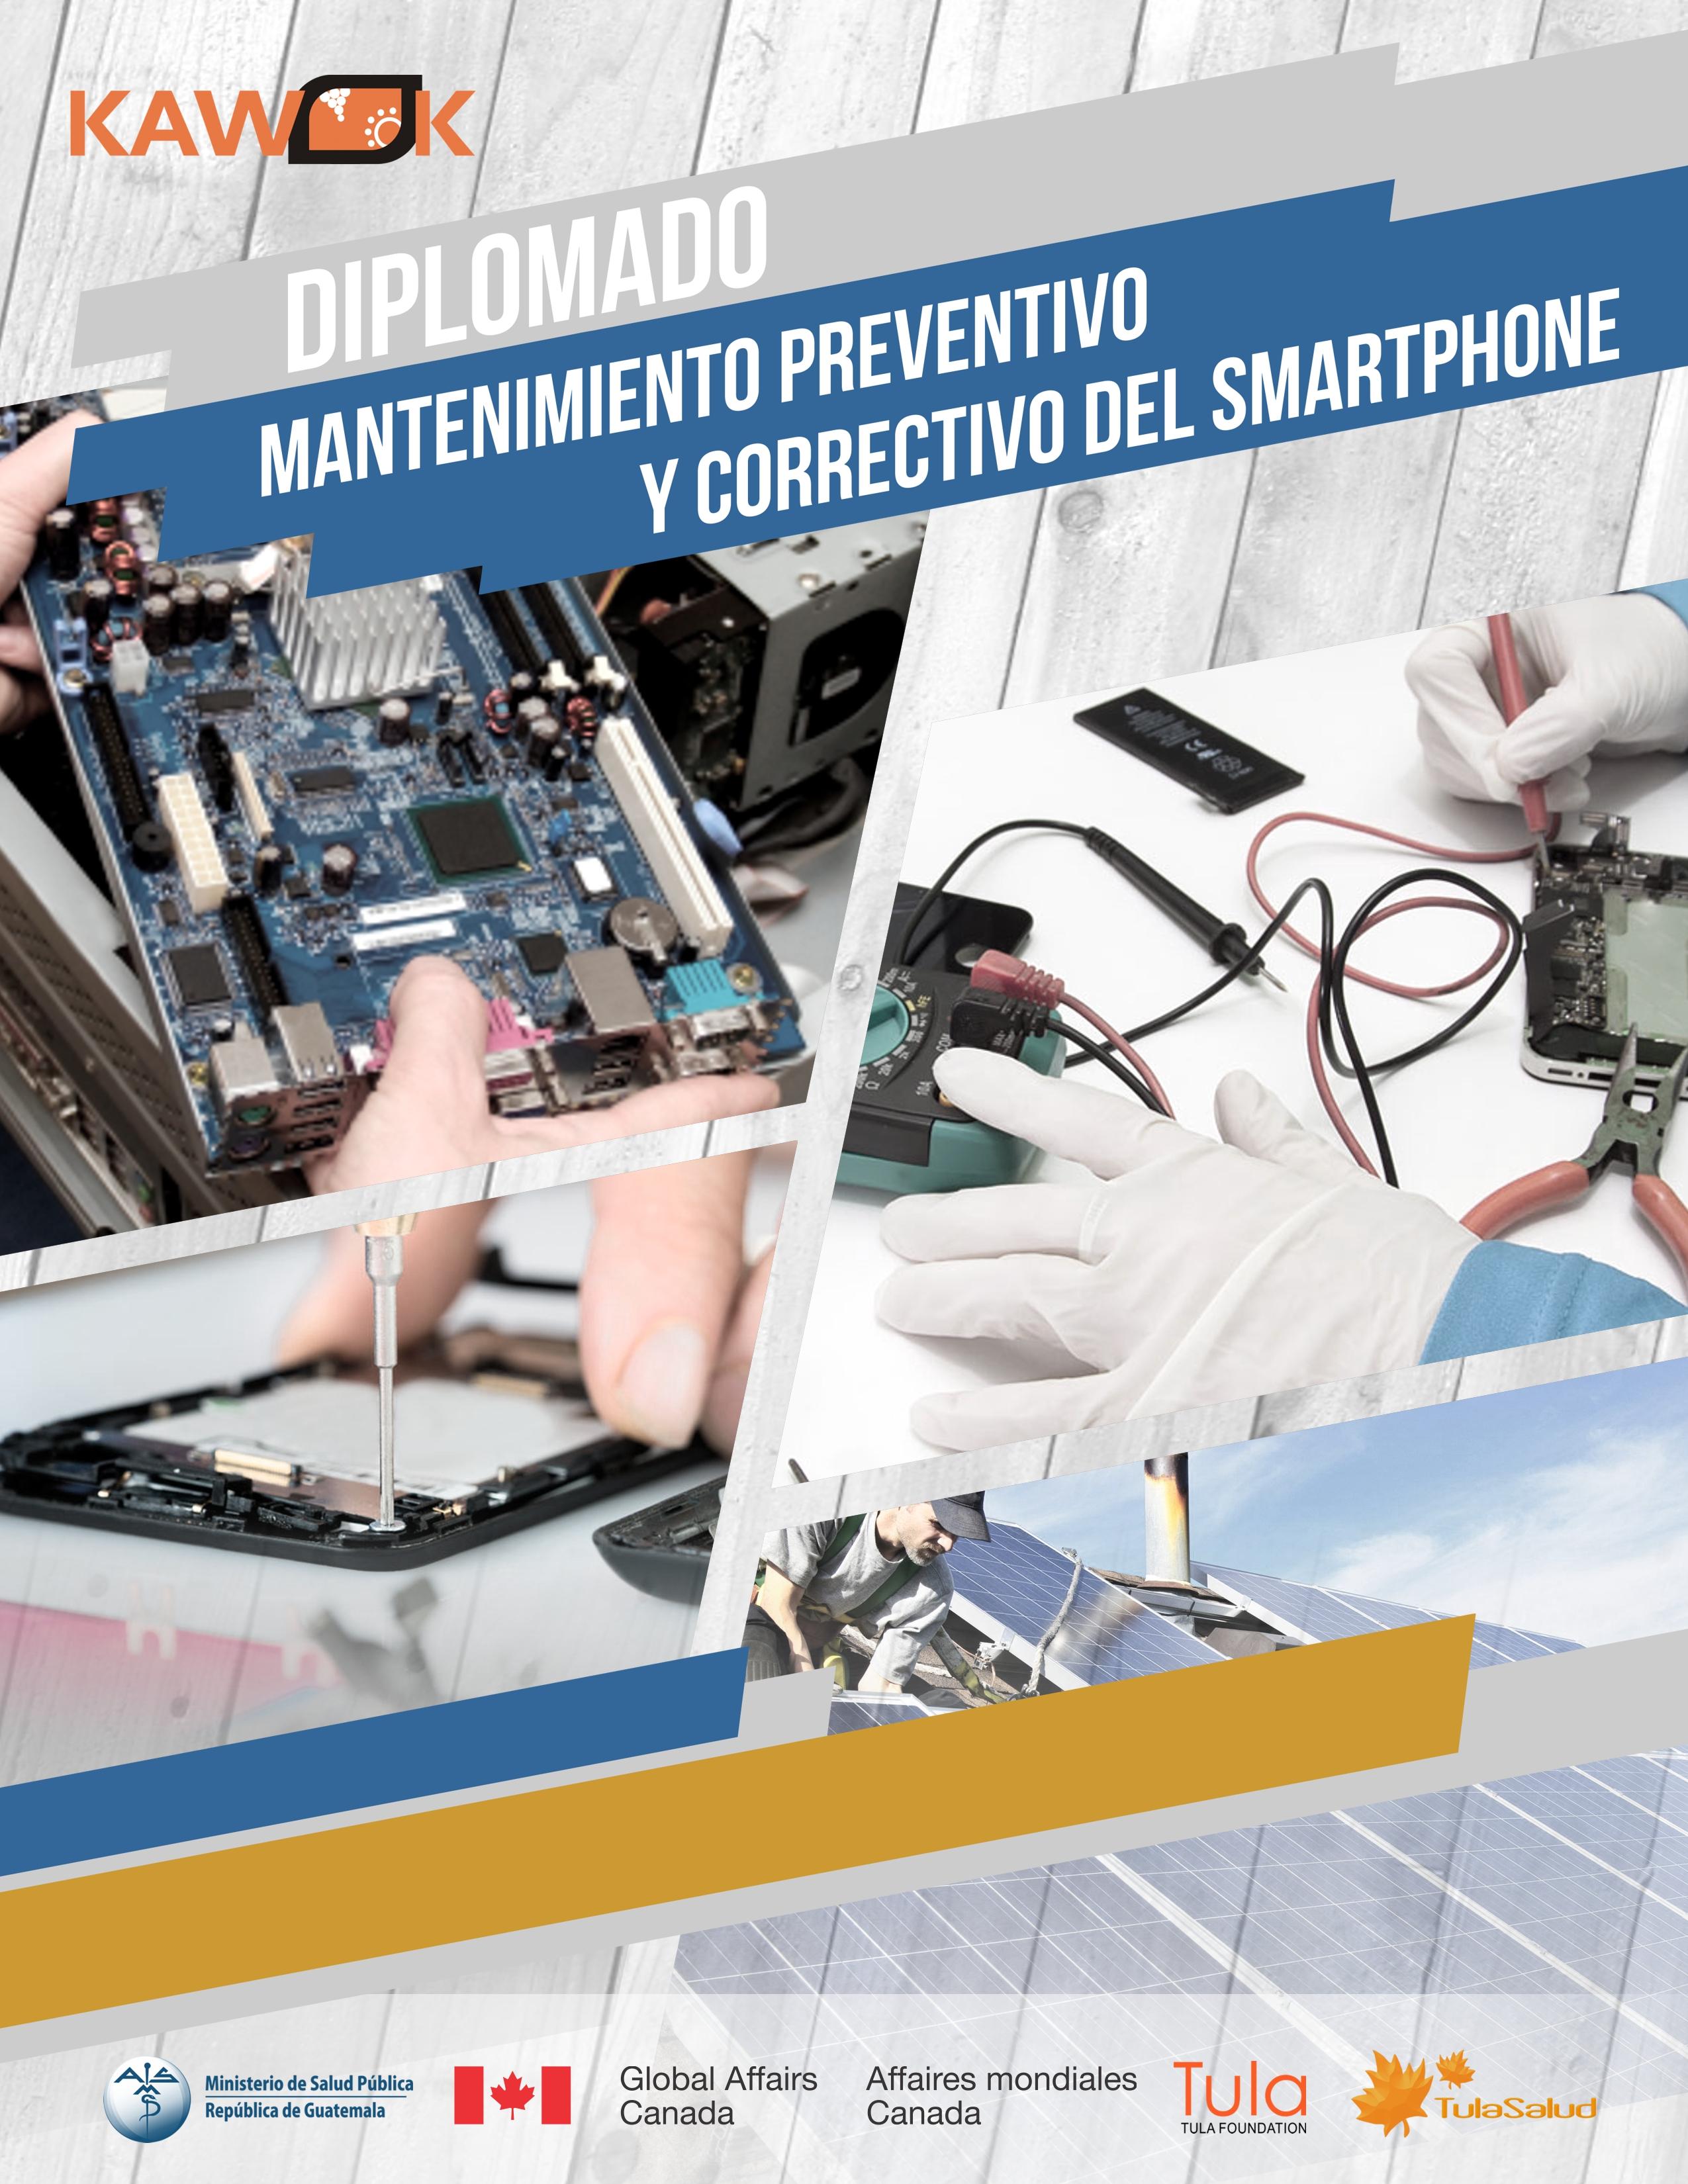 Mantenimiento Preventivo y Correctivo del Smartphone